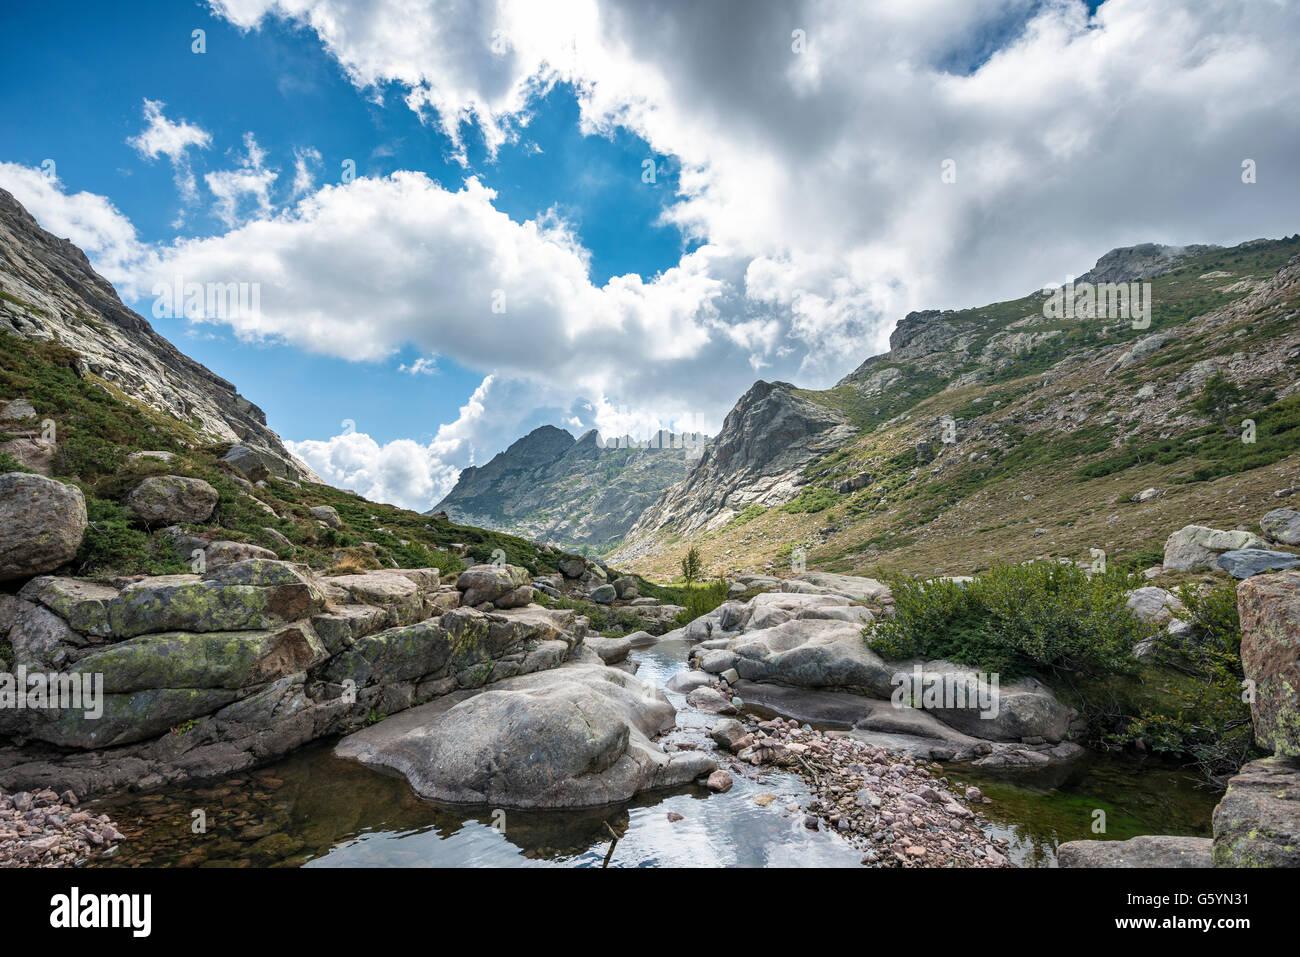 River Golo, mountainous landscape, Nature Park of Corsica, Parc naturel régional de Corse, Corsica, France Stock Photo